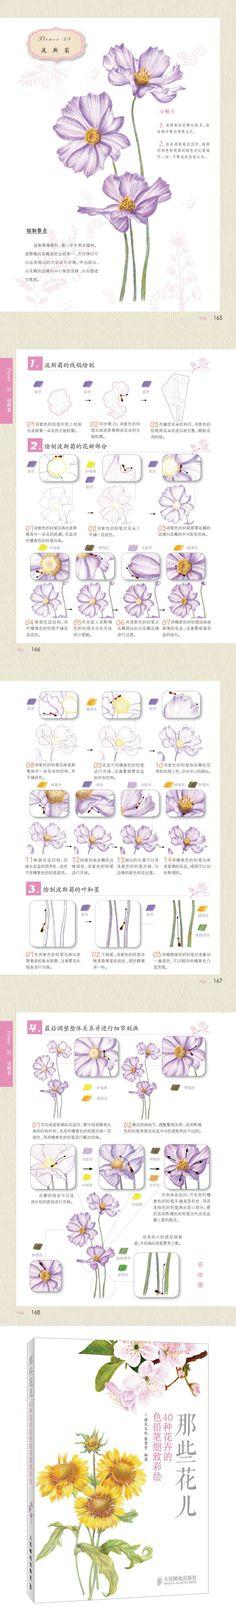 《那些花儿:40种花卉的色铅笔细致彩绘 》